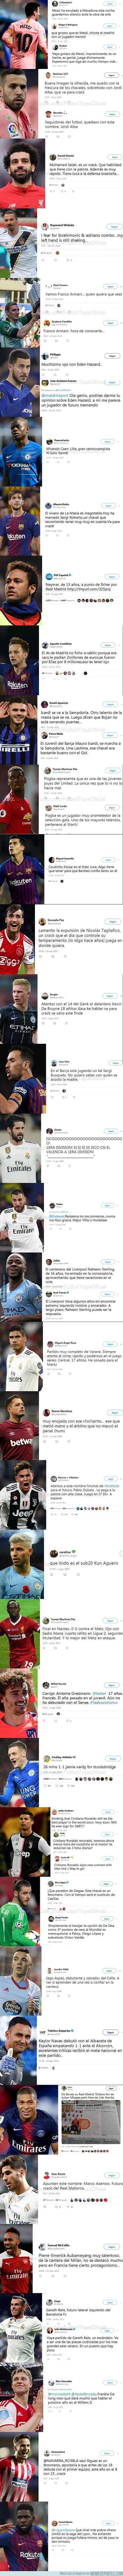 1081249 - Tweets antiguos sobre algunos jugadores que son para mear y no echar gota